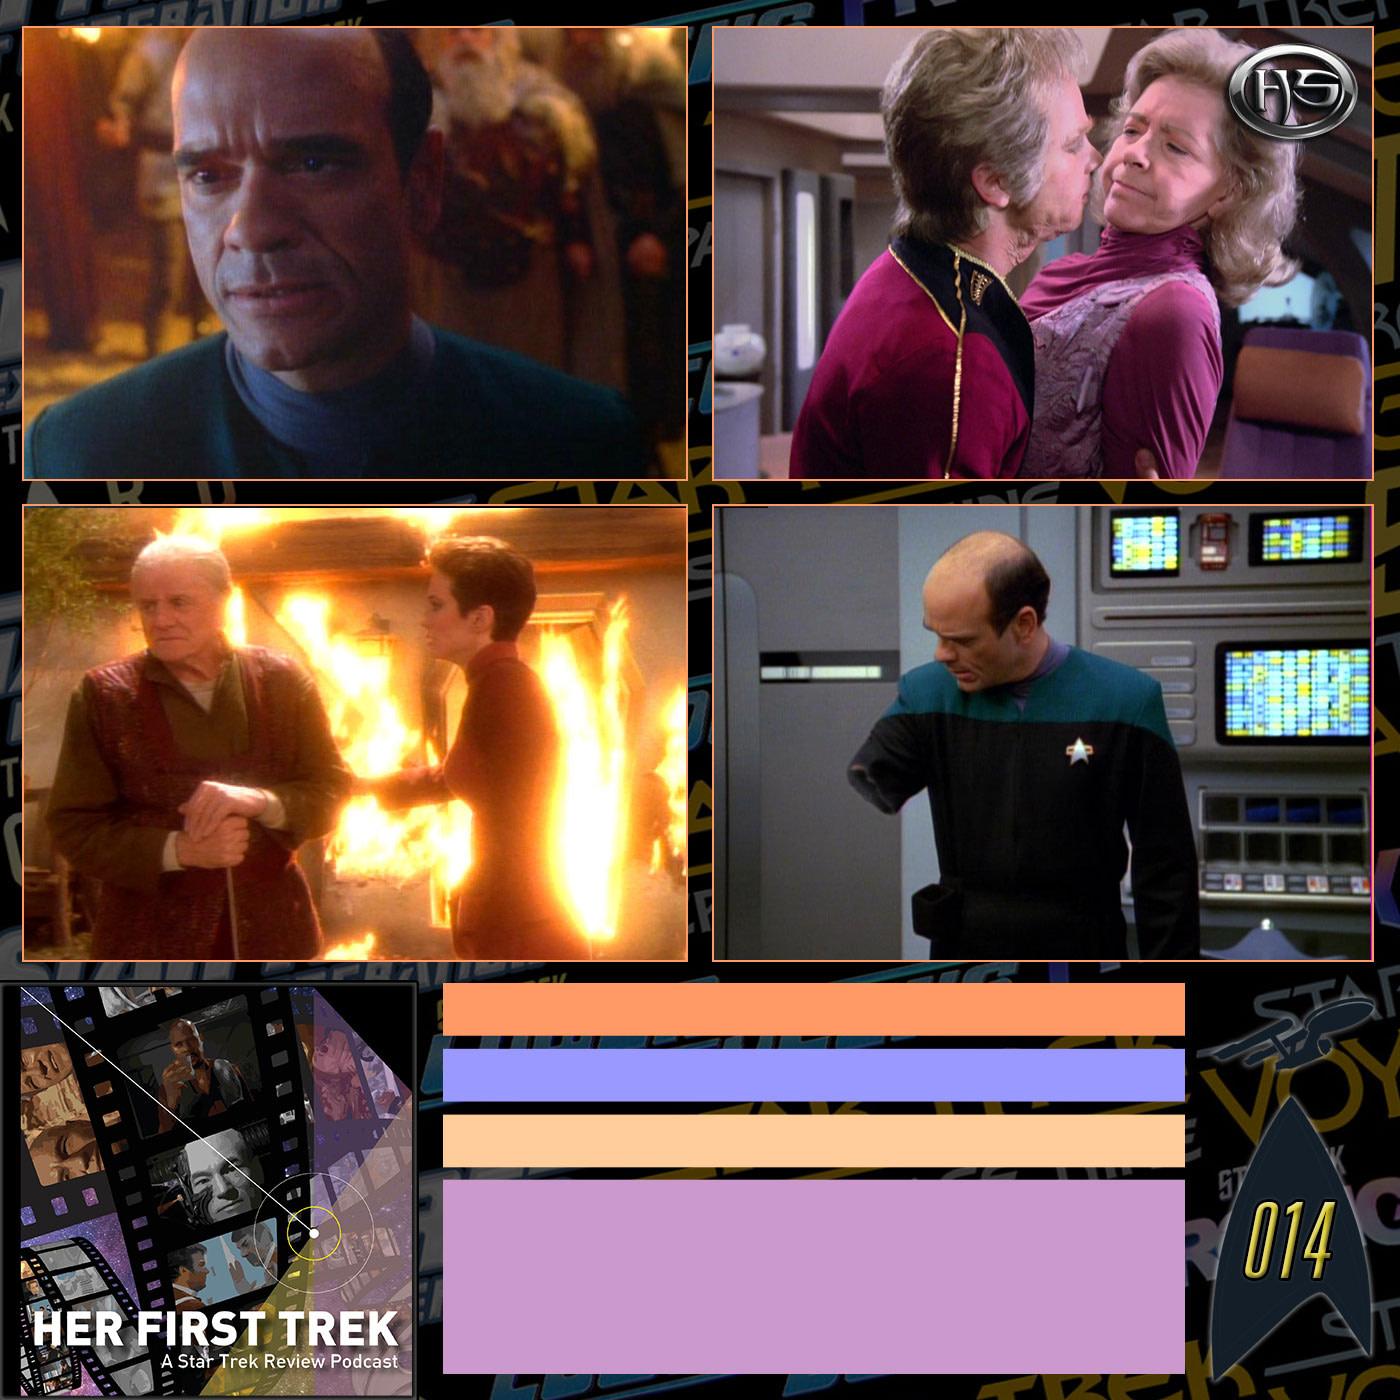 Her First Trek Episode 14